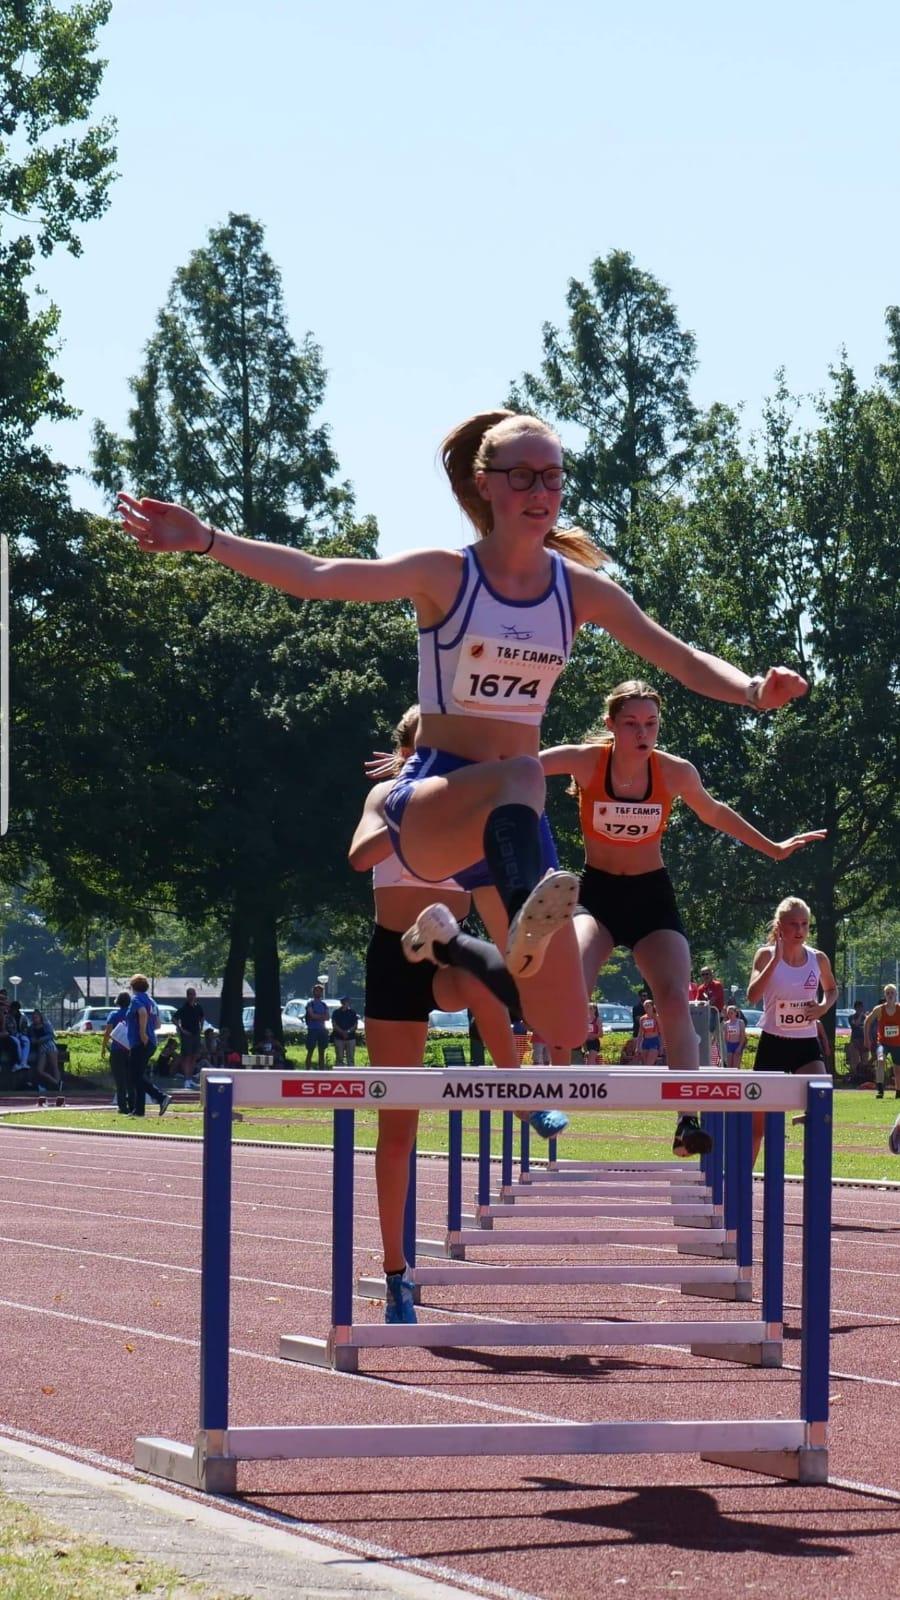 Esmee Mulder